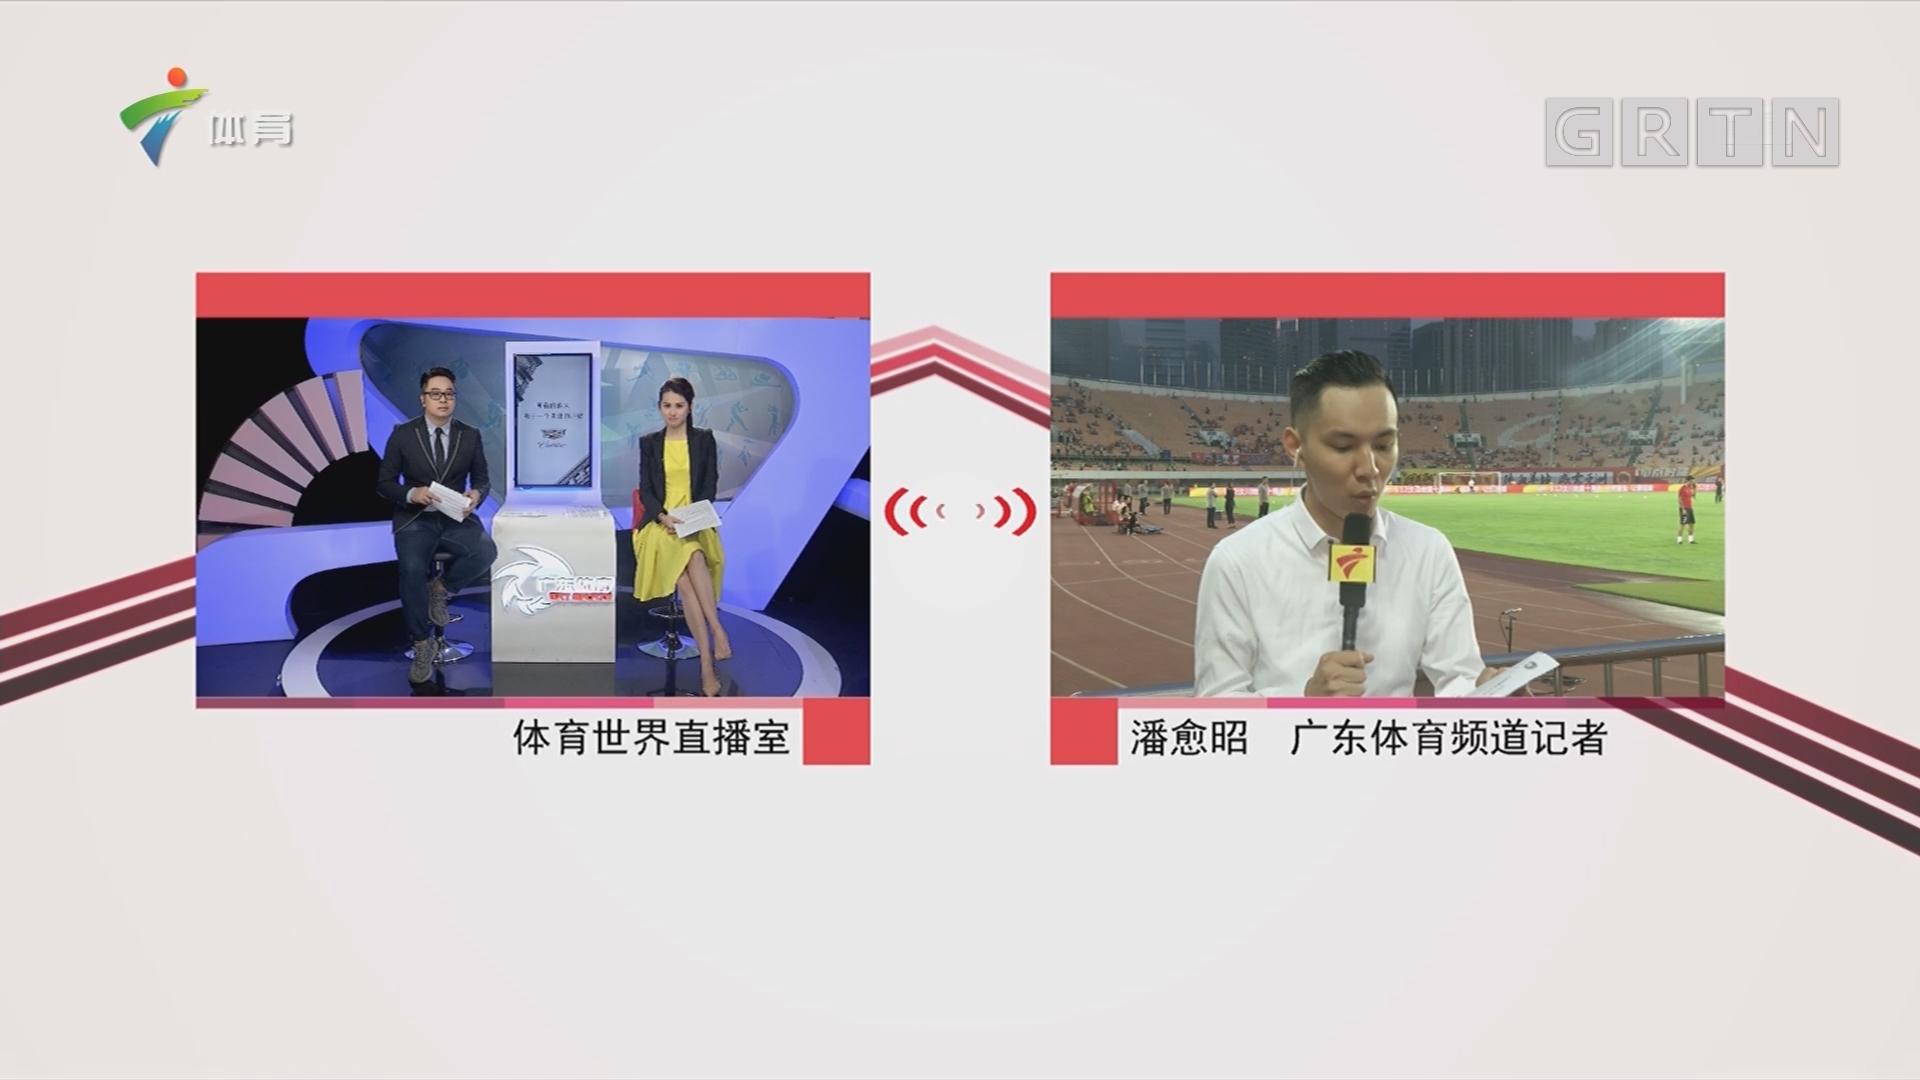 中超联赛:广州恒大淘宝vs河北华夏幸福  现场连线采访